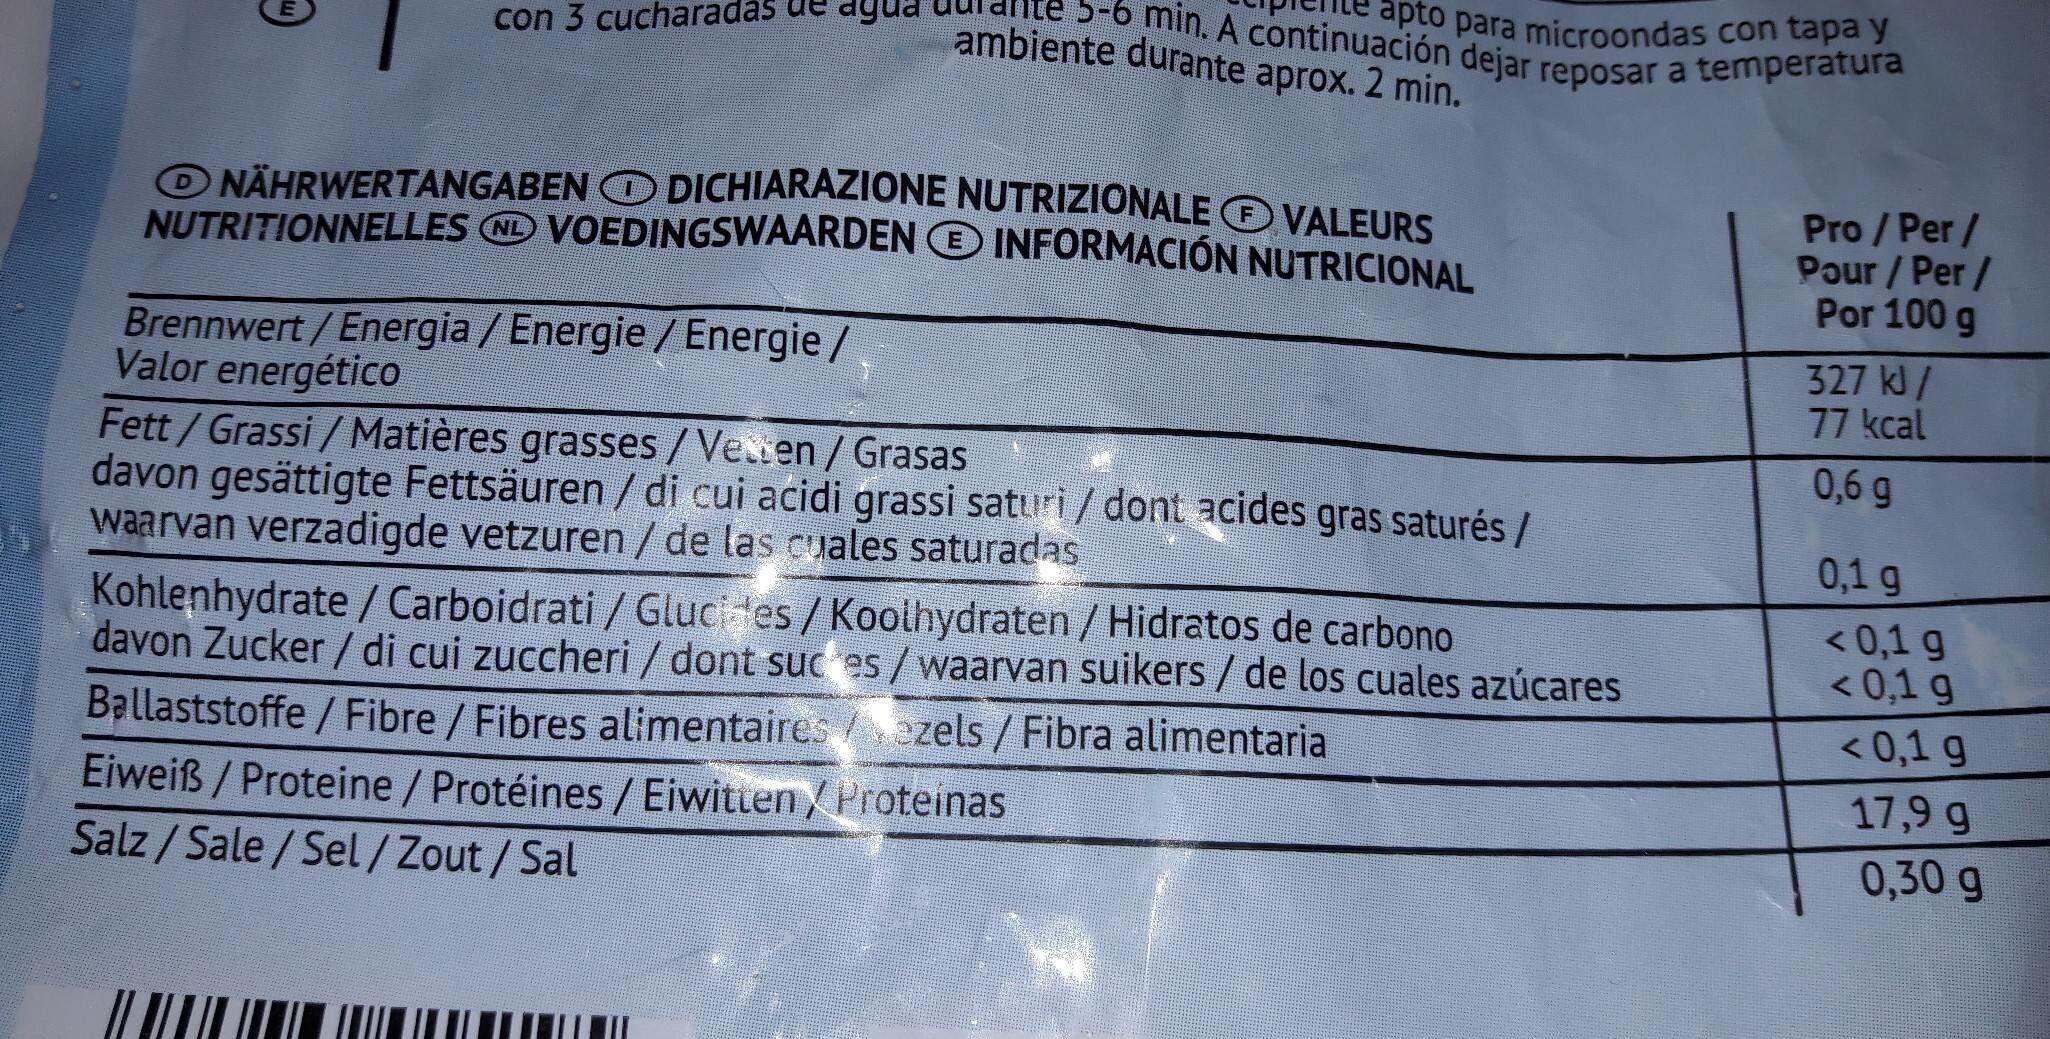 Filets d'églefin nature - Informació nutricional - fr